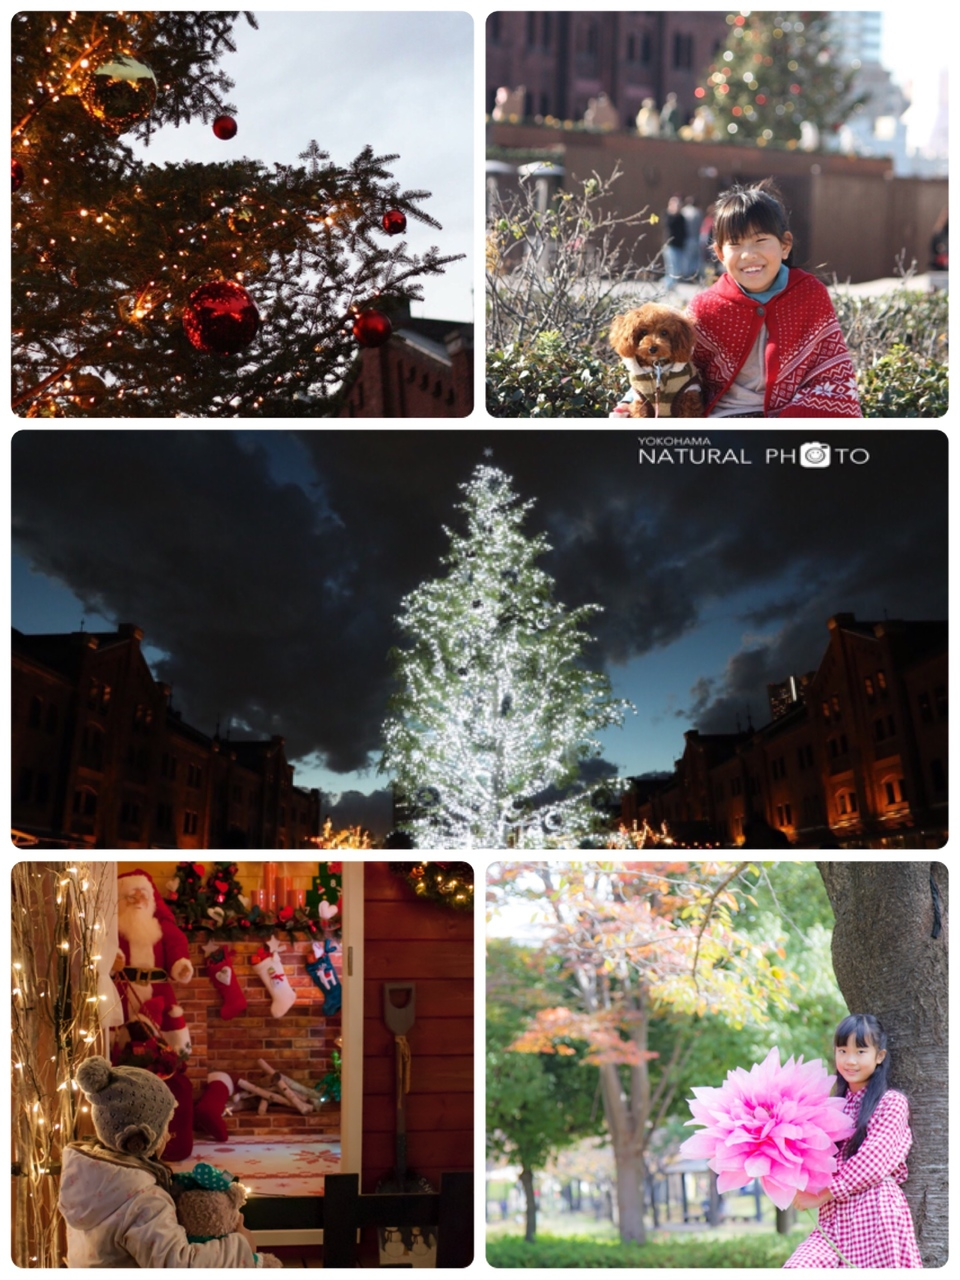 12月9日(土) こどもとかめら 赤レンガ クリスマスマーケット 撮影会 Takayo&Sachi